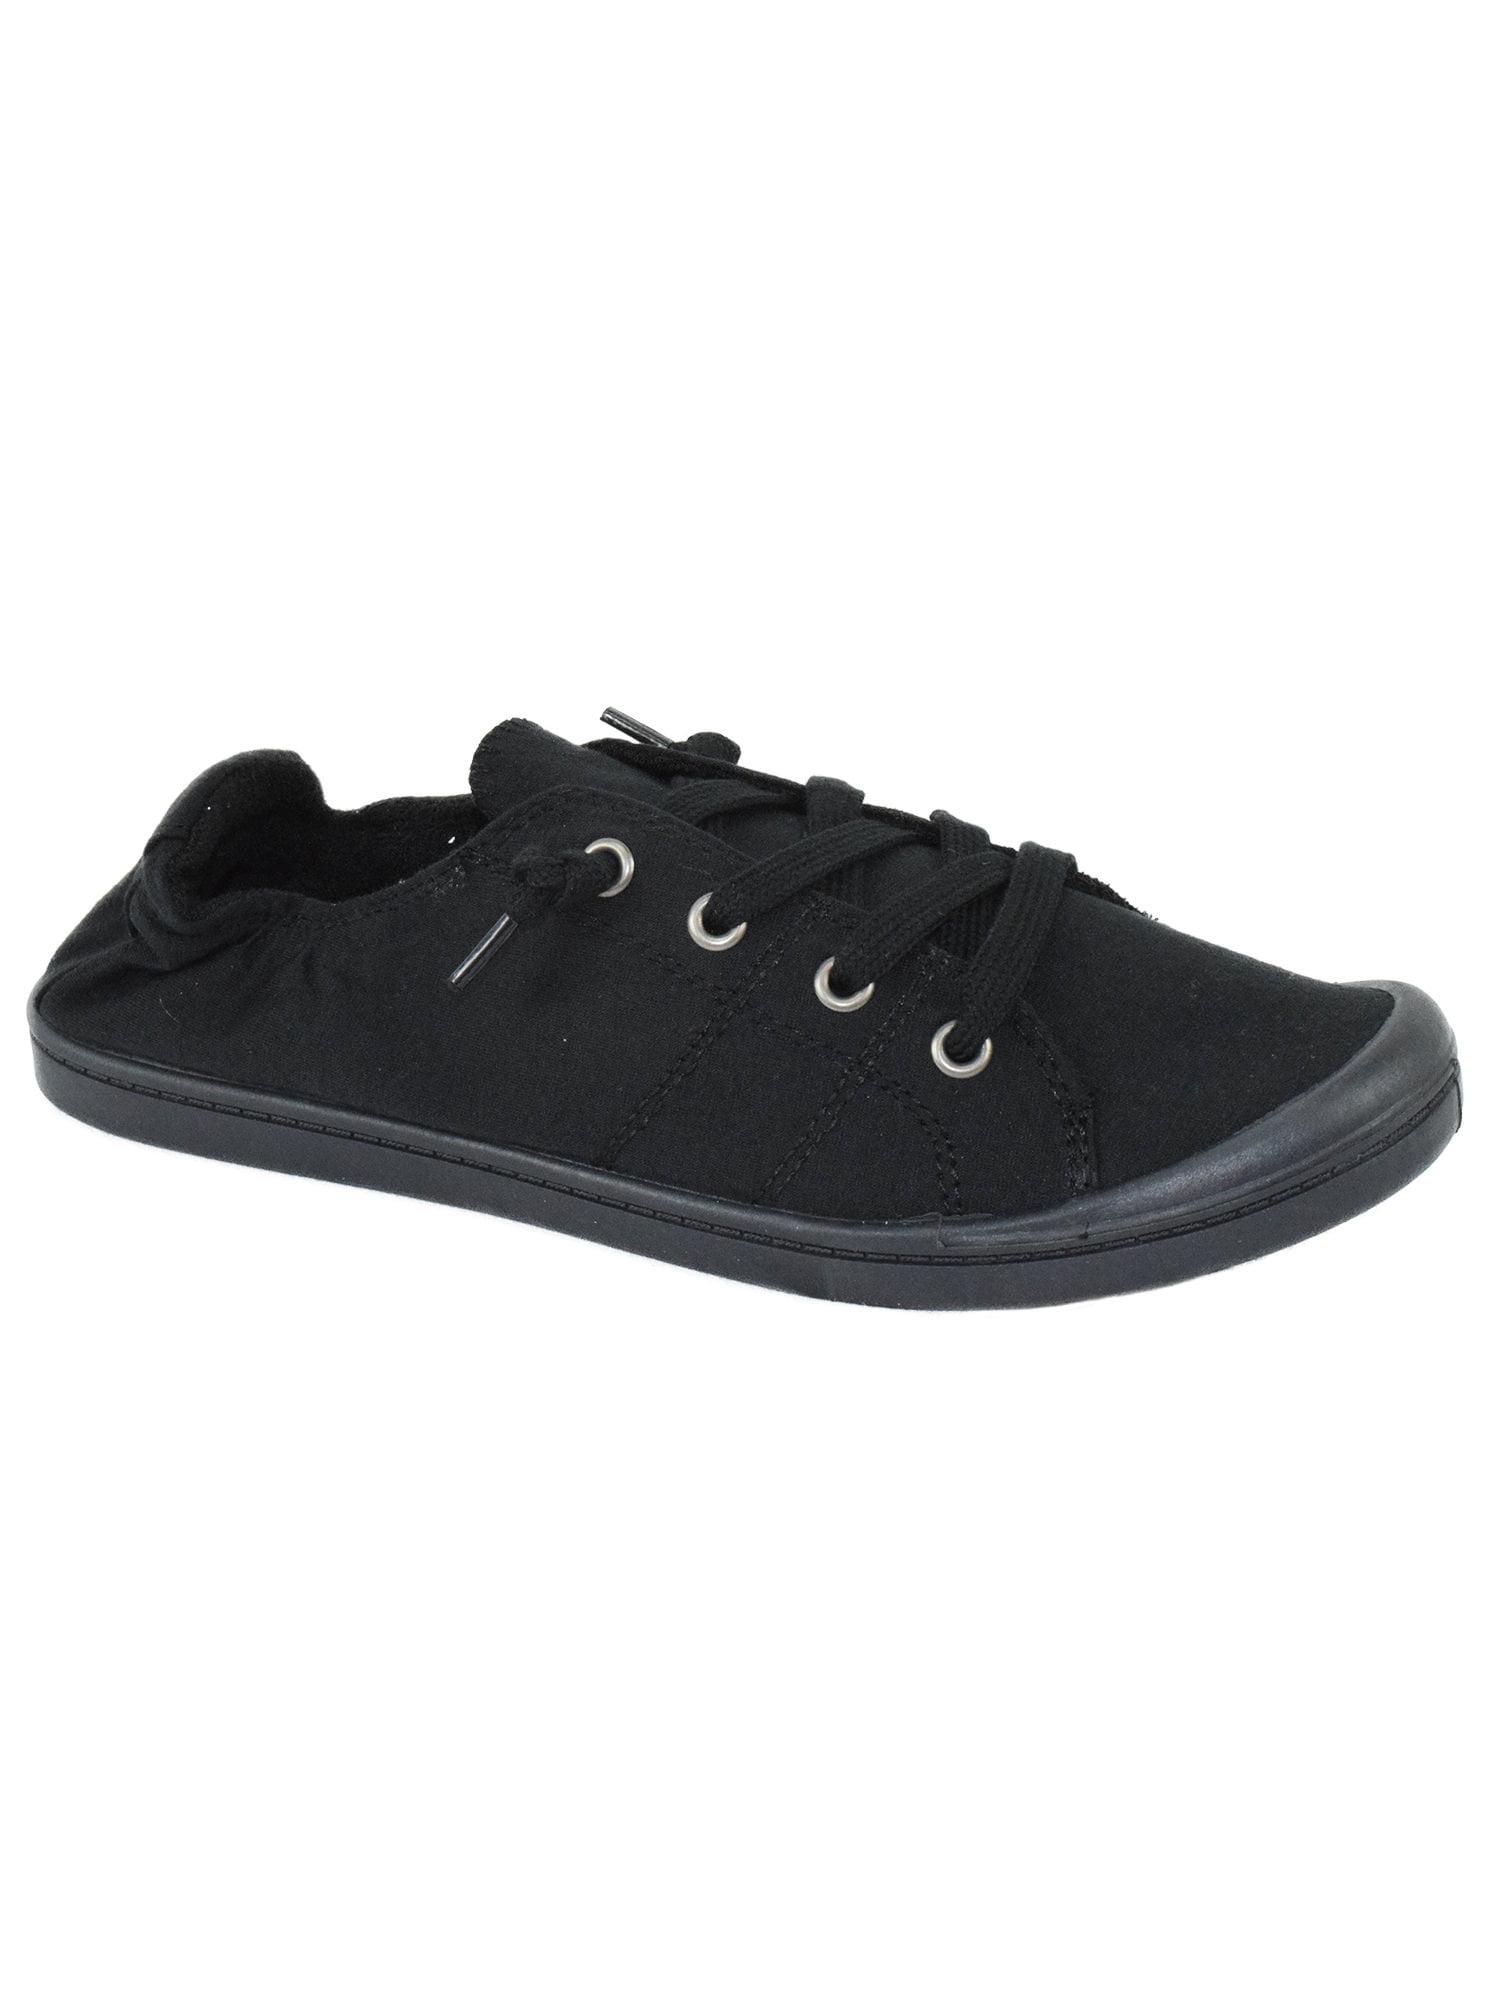 Zig All Black Women Soda Shoes Flat